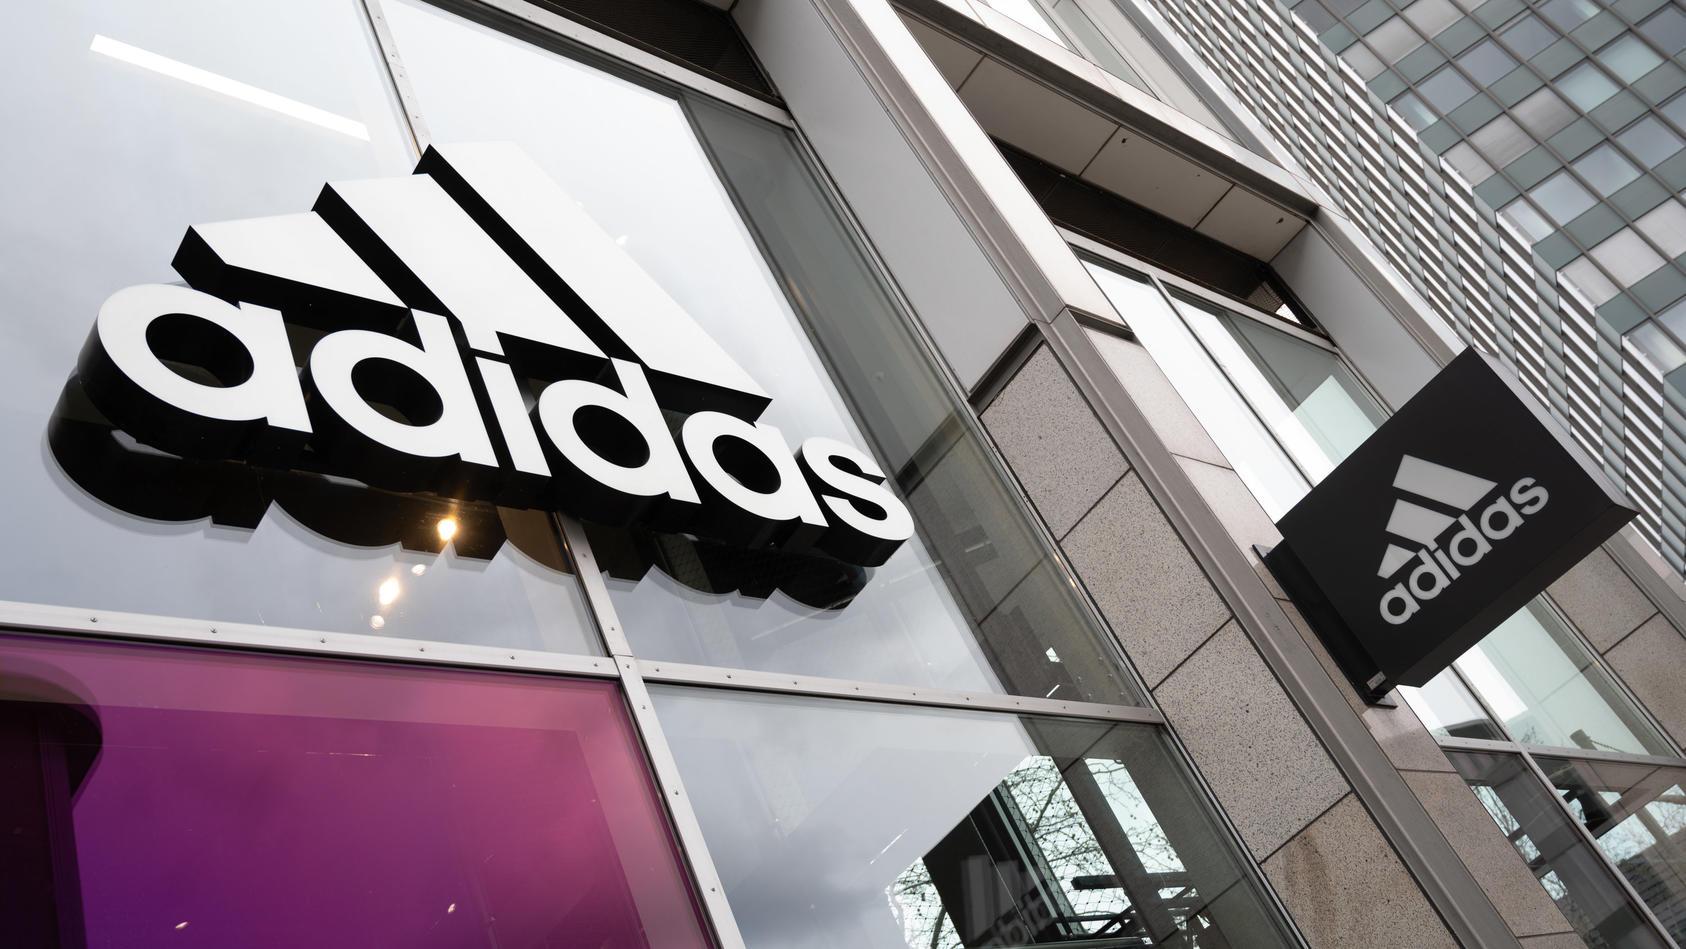 Vorreiter Adidas: Die Hälfte des Umsatzes soll in den eigenen Läden erzielt werden.